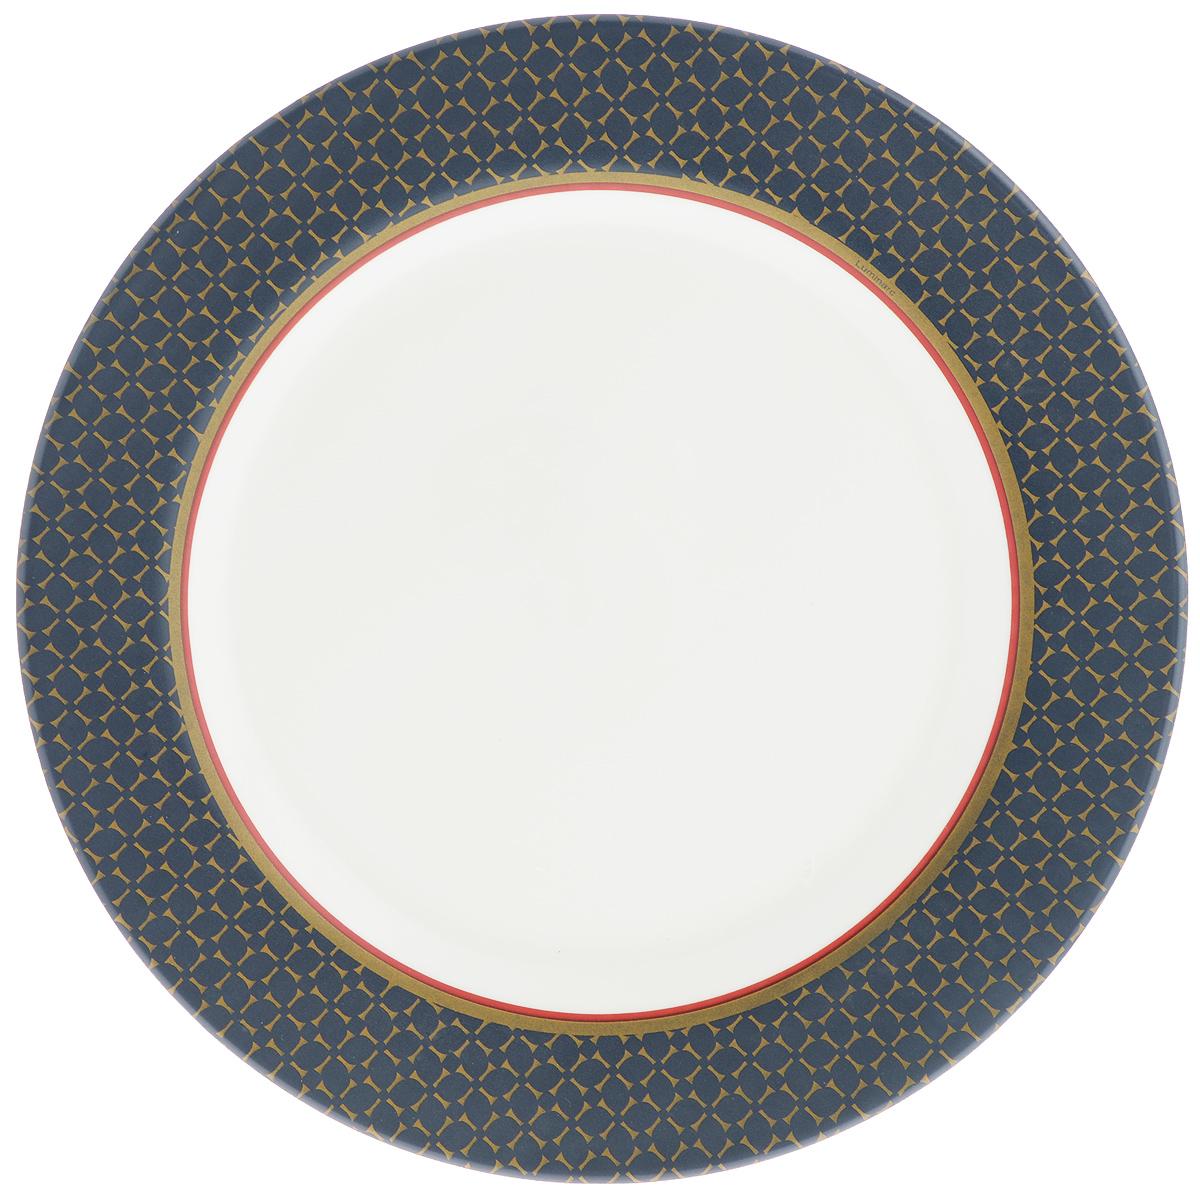 Тарелка обеденная Luminarc Alto Saphir, диаметр 27 см54 009312Обеденная тарелка Luminarc Alto Saphir, изготовленная из высококачественного стекла,имеет изысканный внешний вид. Такой дизайн придется по вкусу и ценителям классики,и тем, кто предпочитает утонченность. Тарелка Luminarc Alto Saphir идеально подойдет для сервировкистола и станет отличным подарком к любому празднику.